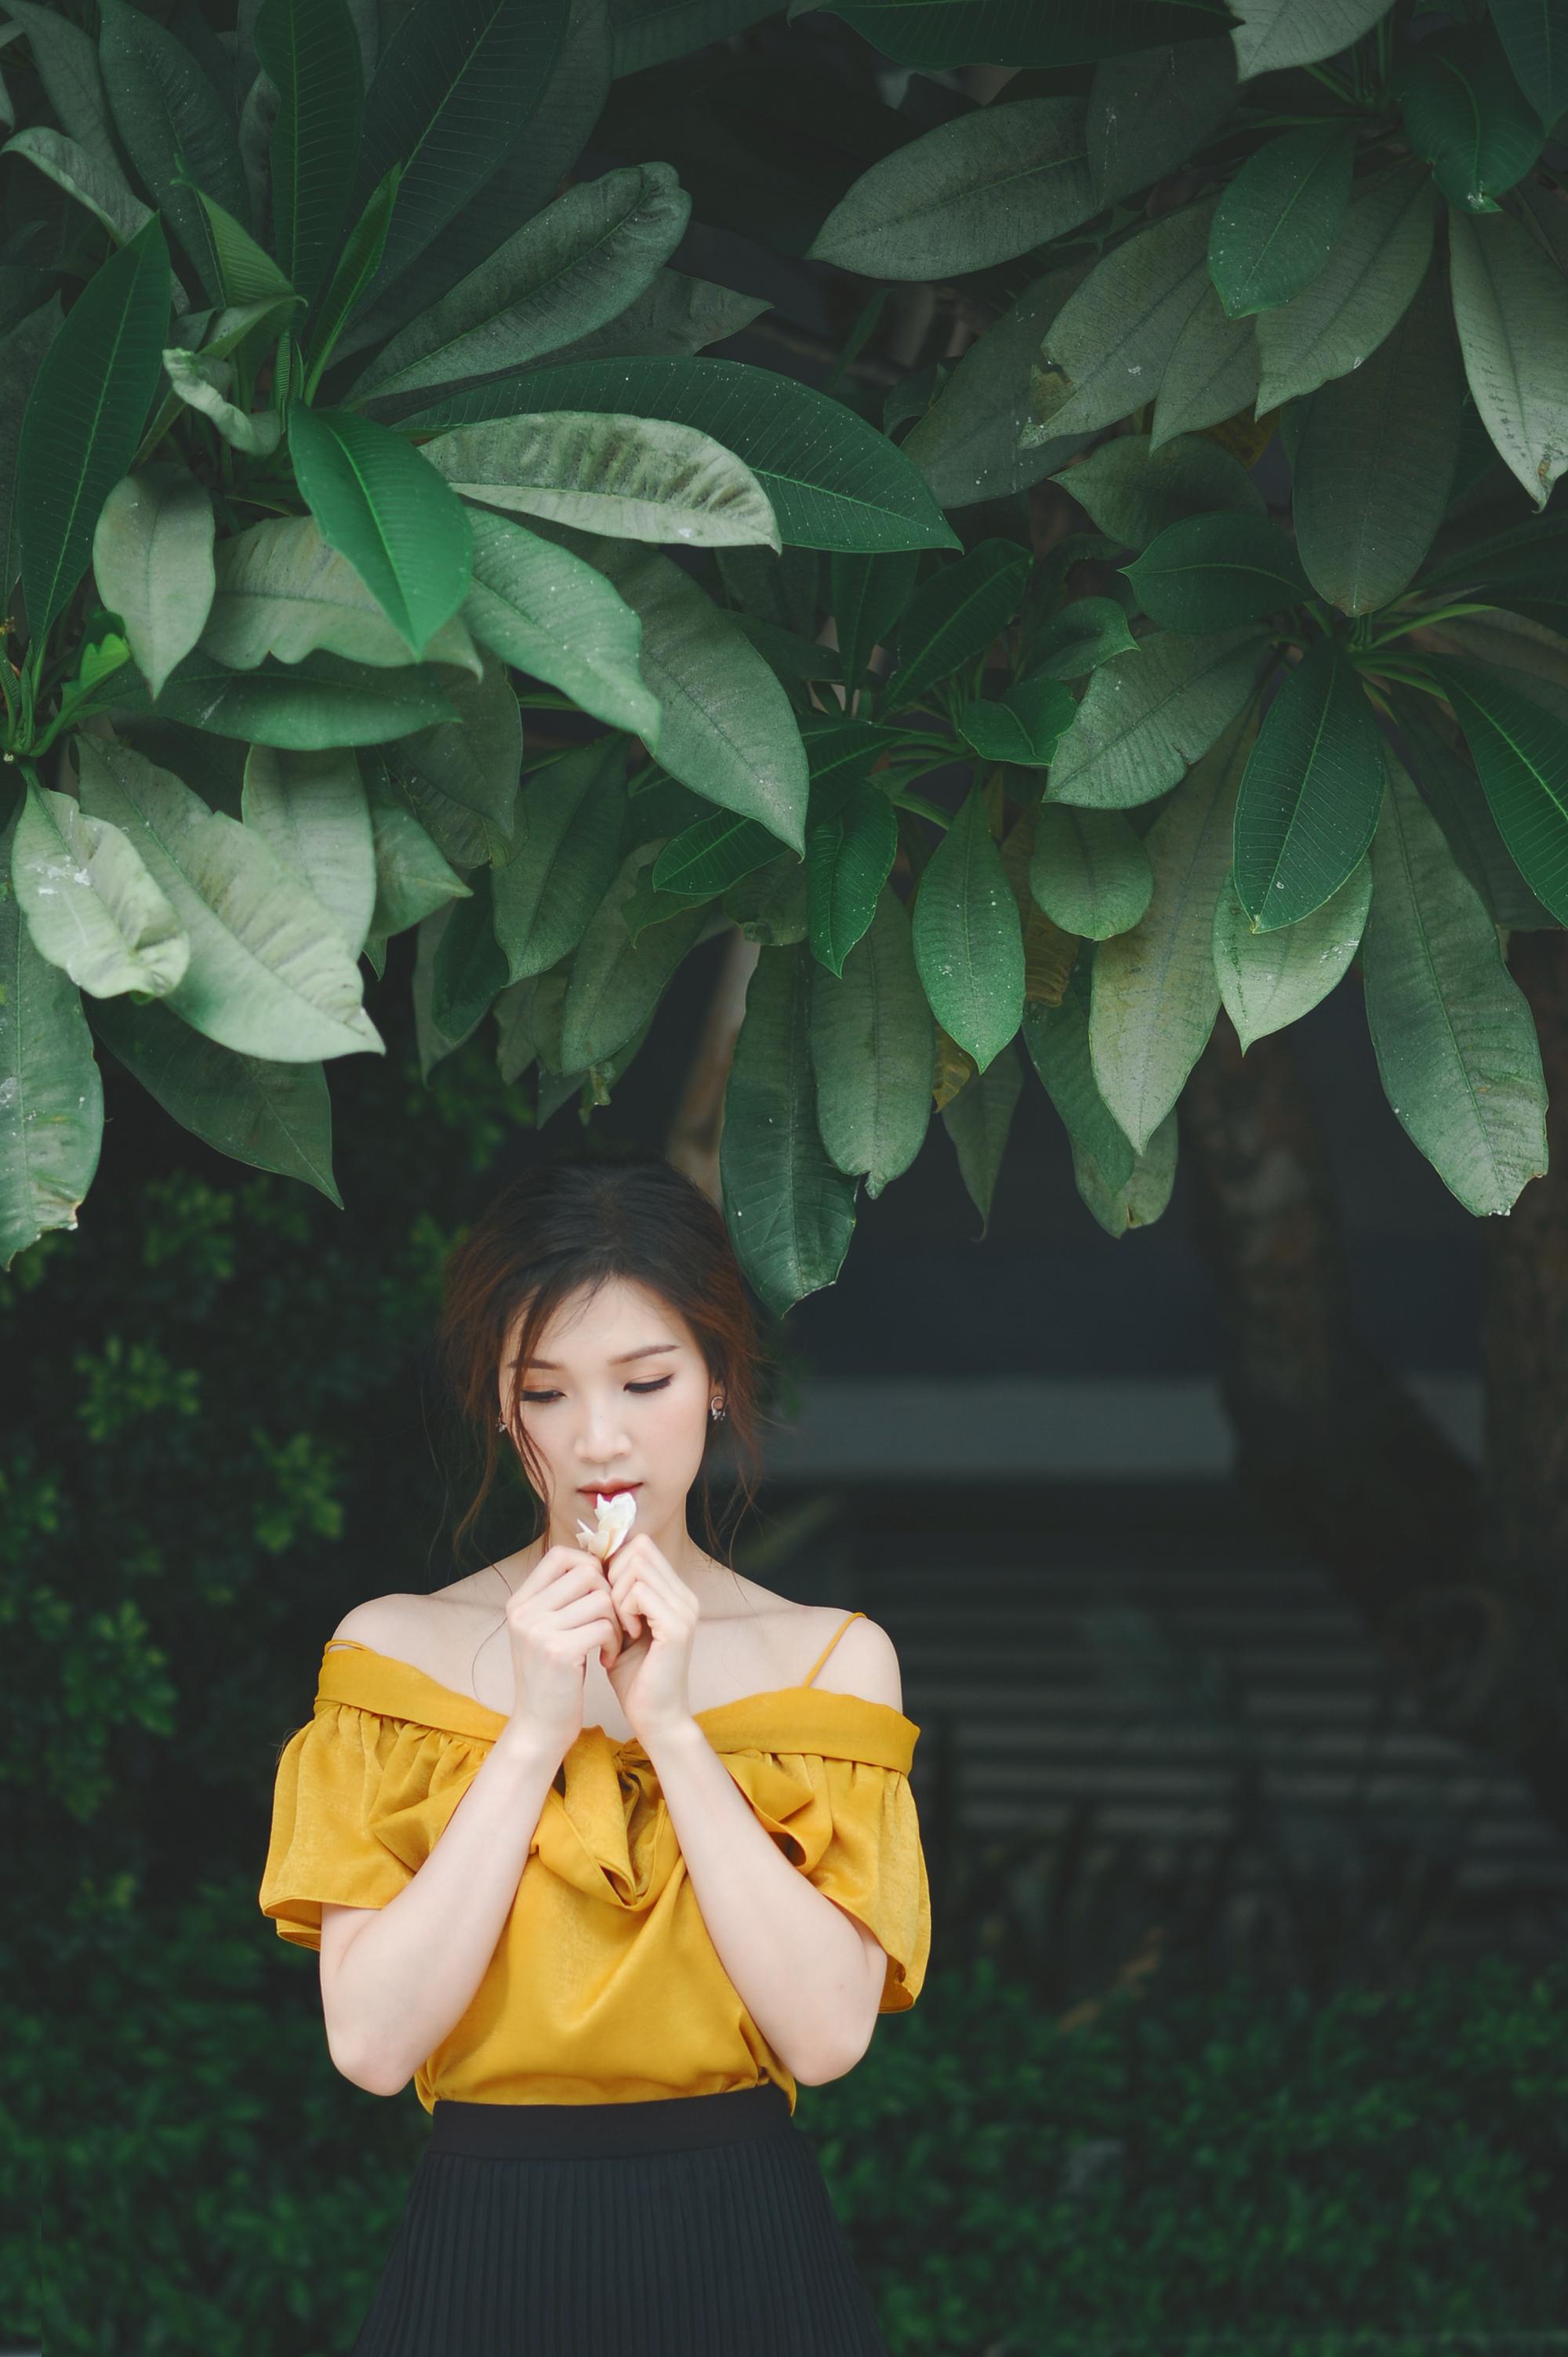 Dọa bị sảy thai, từng bị băng huyết, Hoa hậu Phí Thùy Linh vẫn ước ao sinh thêm con - Ảnh 6.